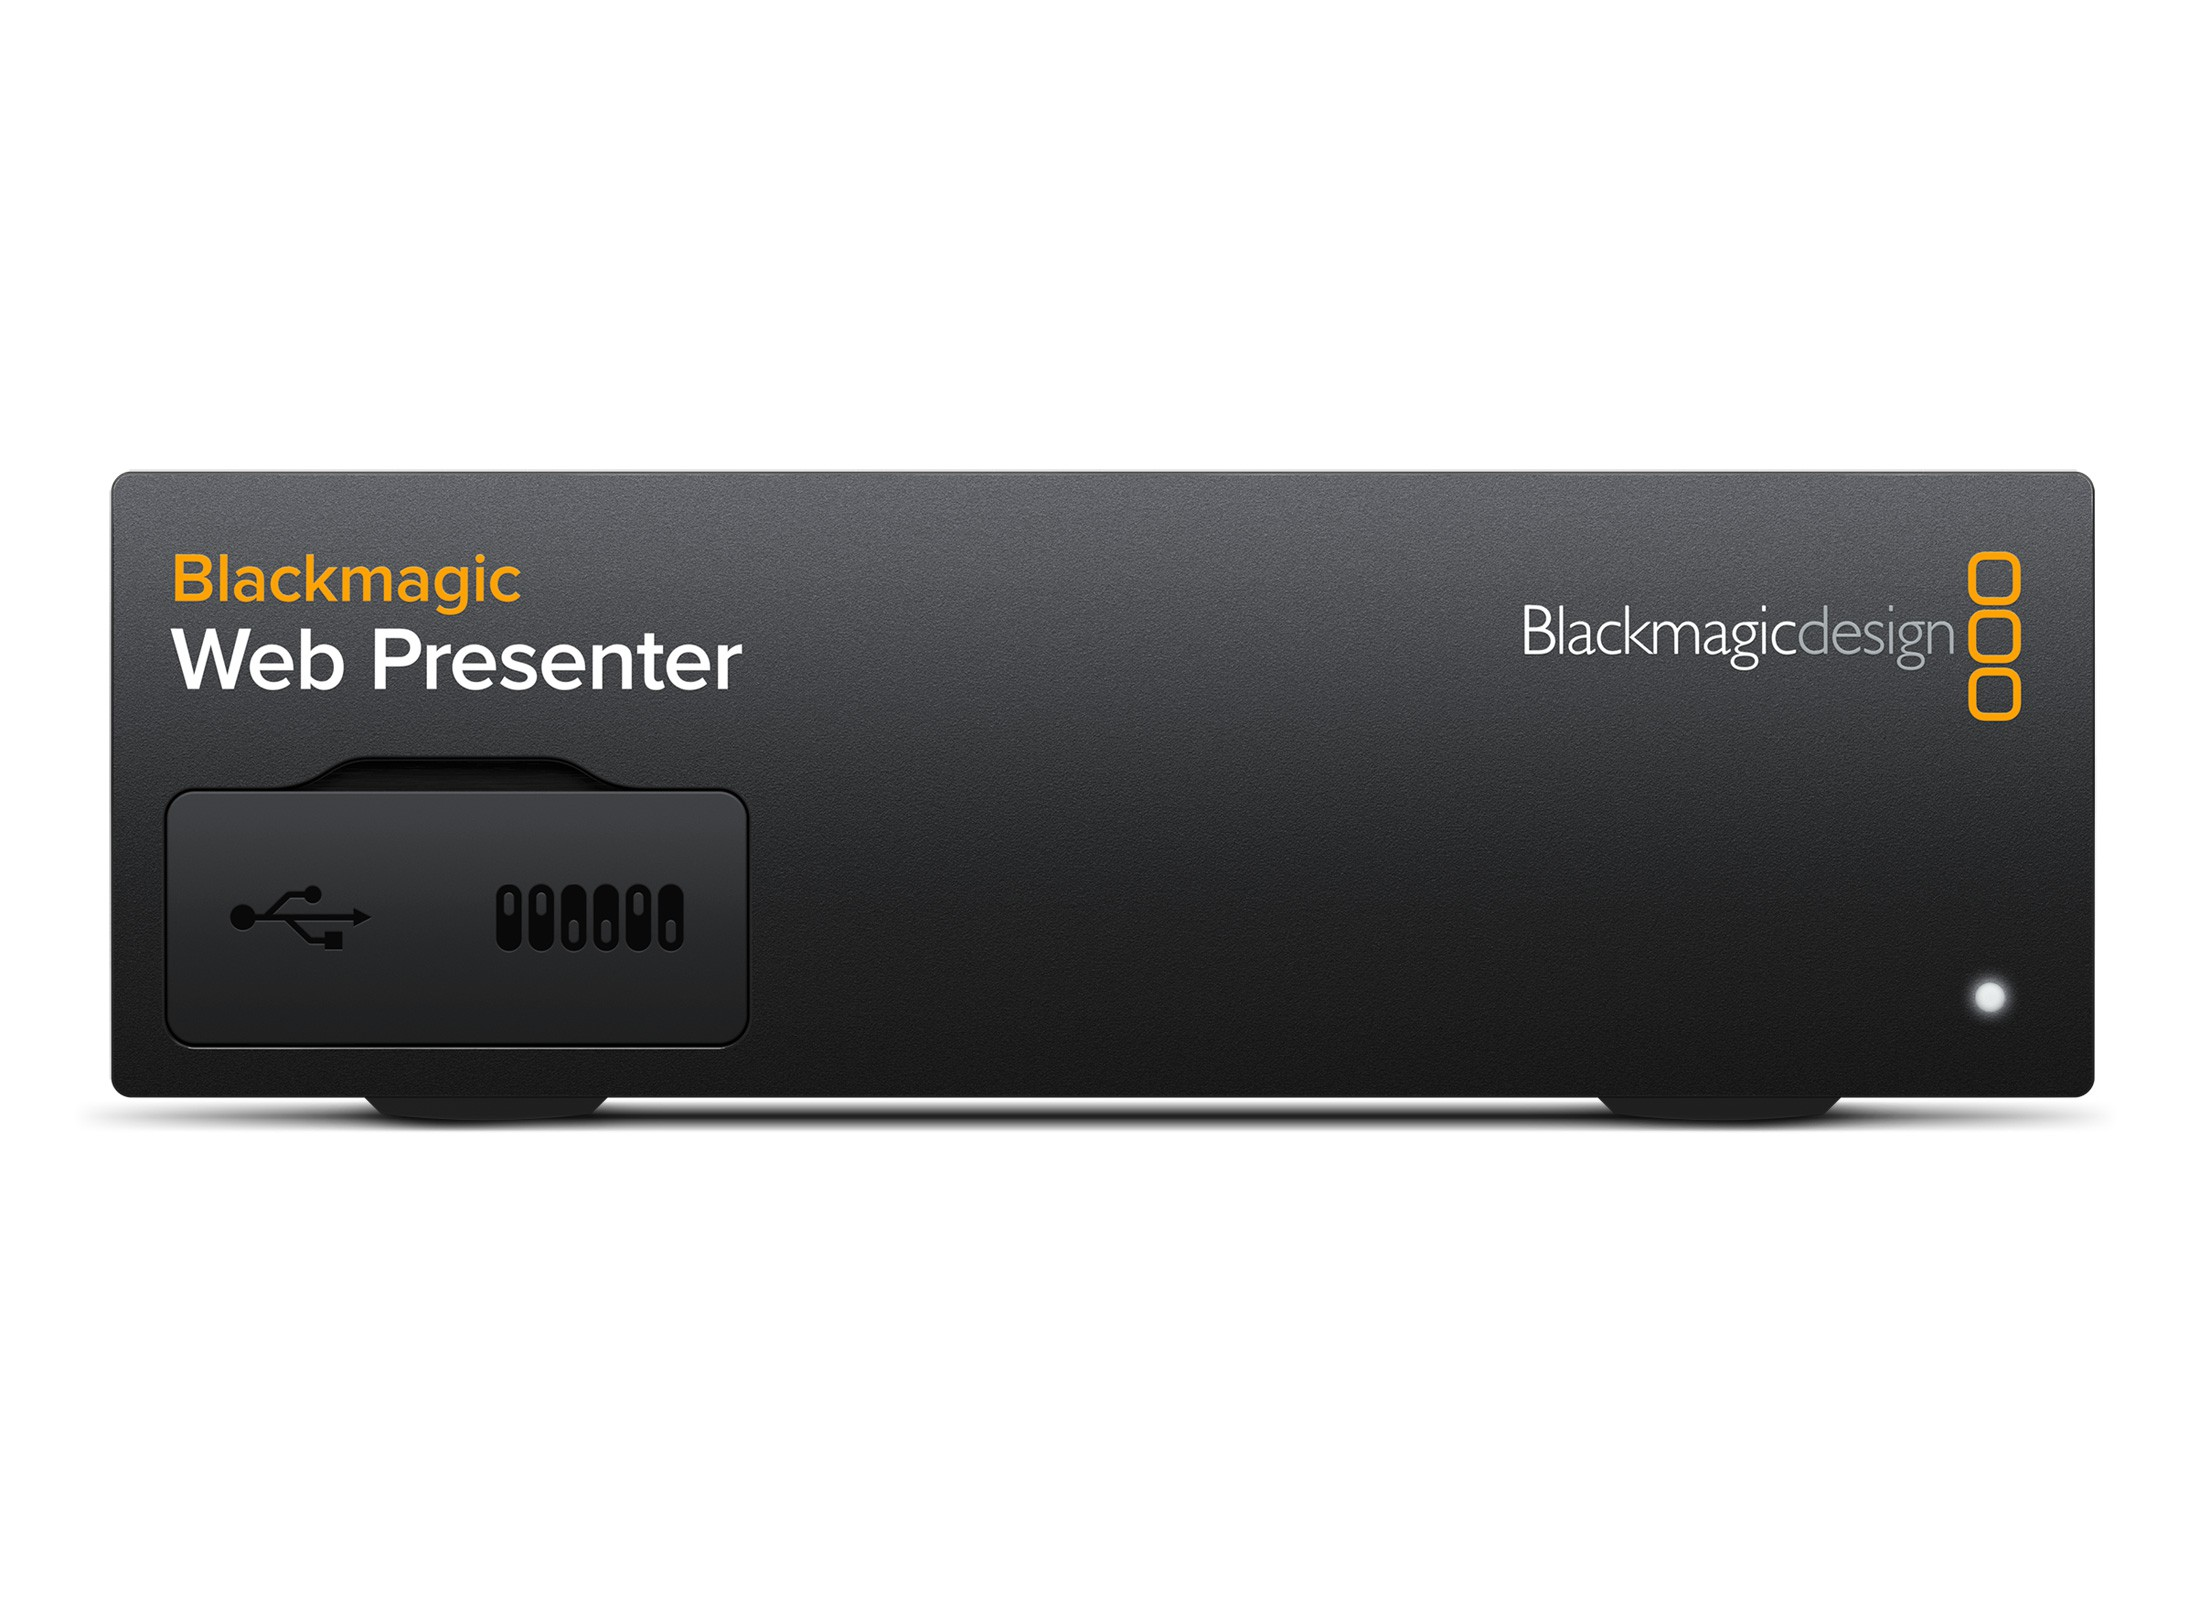 Blackmagic Design Web Presenter Streamer Gunstig Online Kaufen Bei Huss Licht Ton